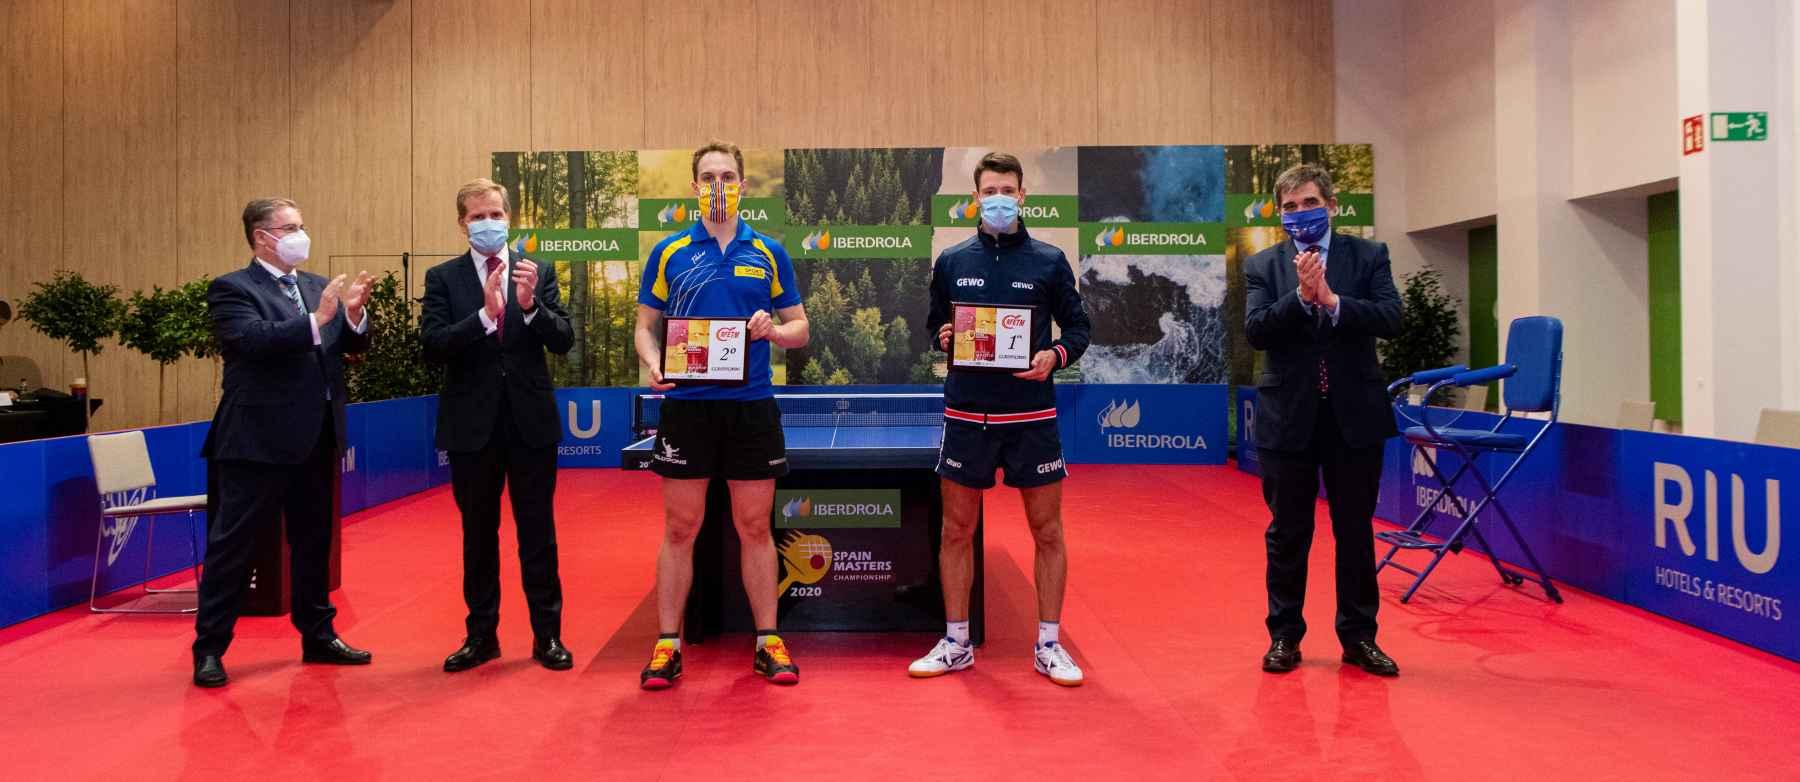 Ceremonia RIU Spain Masters 2020